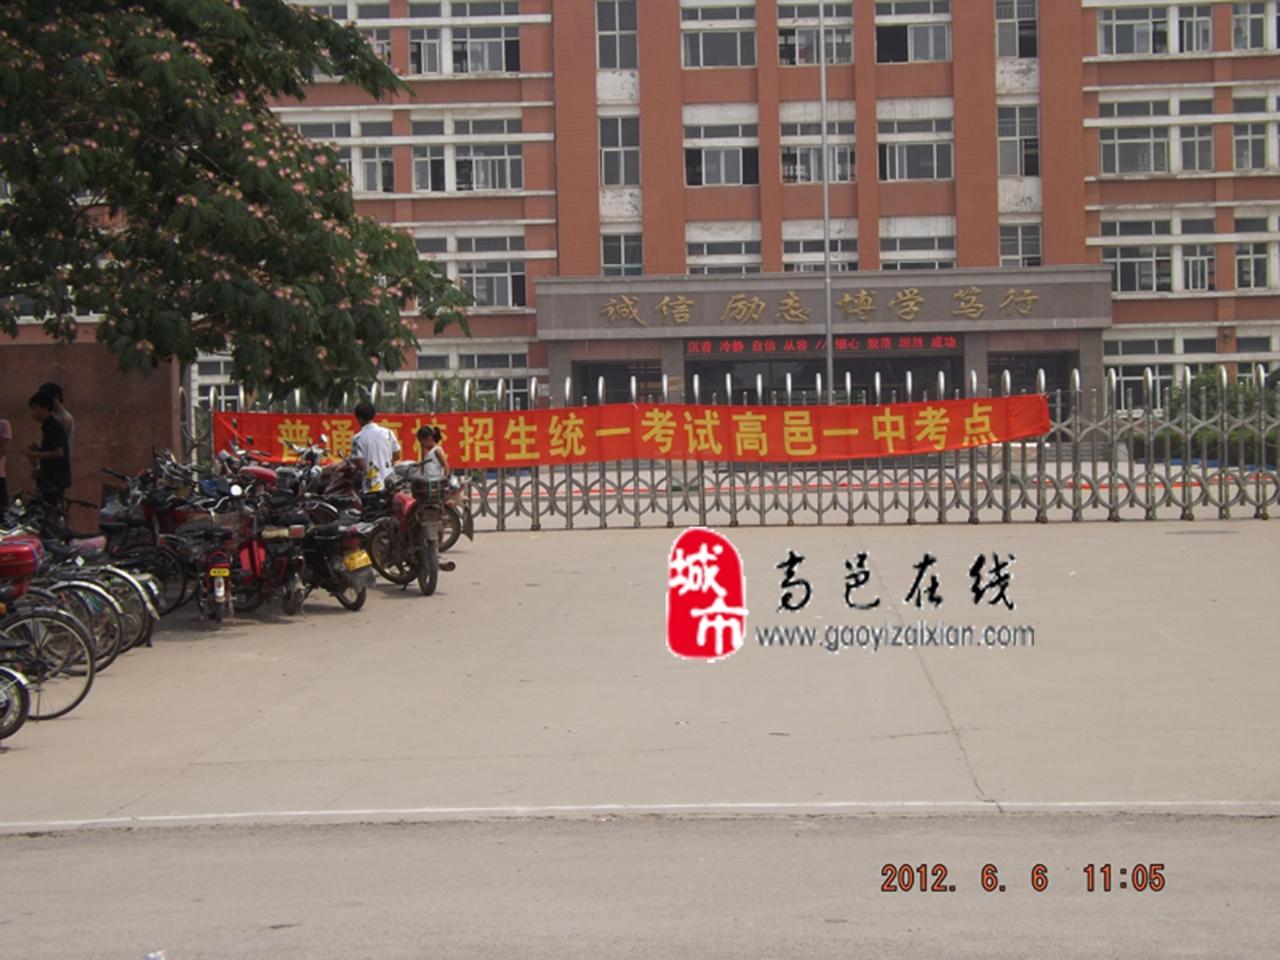 高邑县第一中学校园风采 学校图片 高中库图片